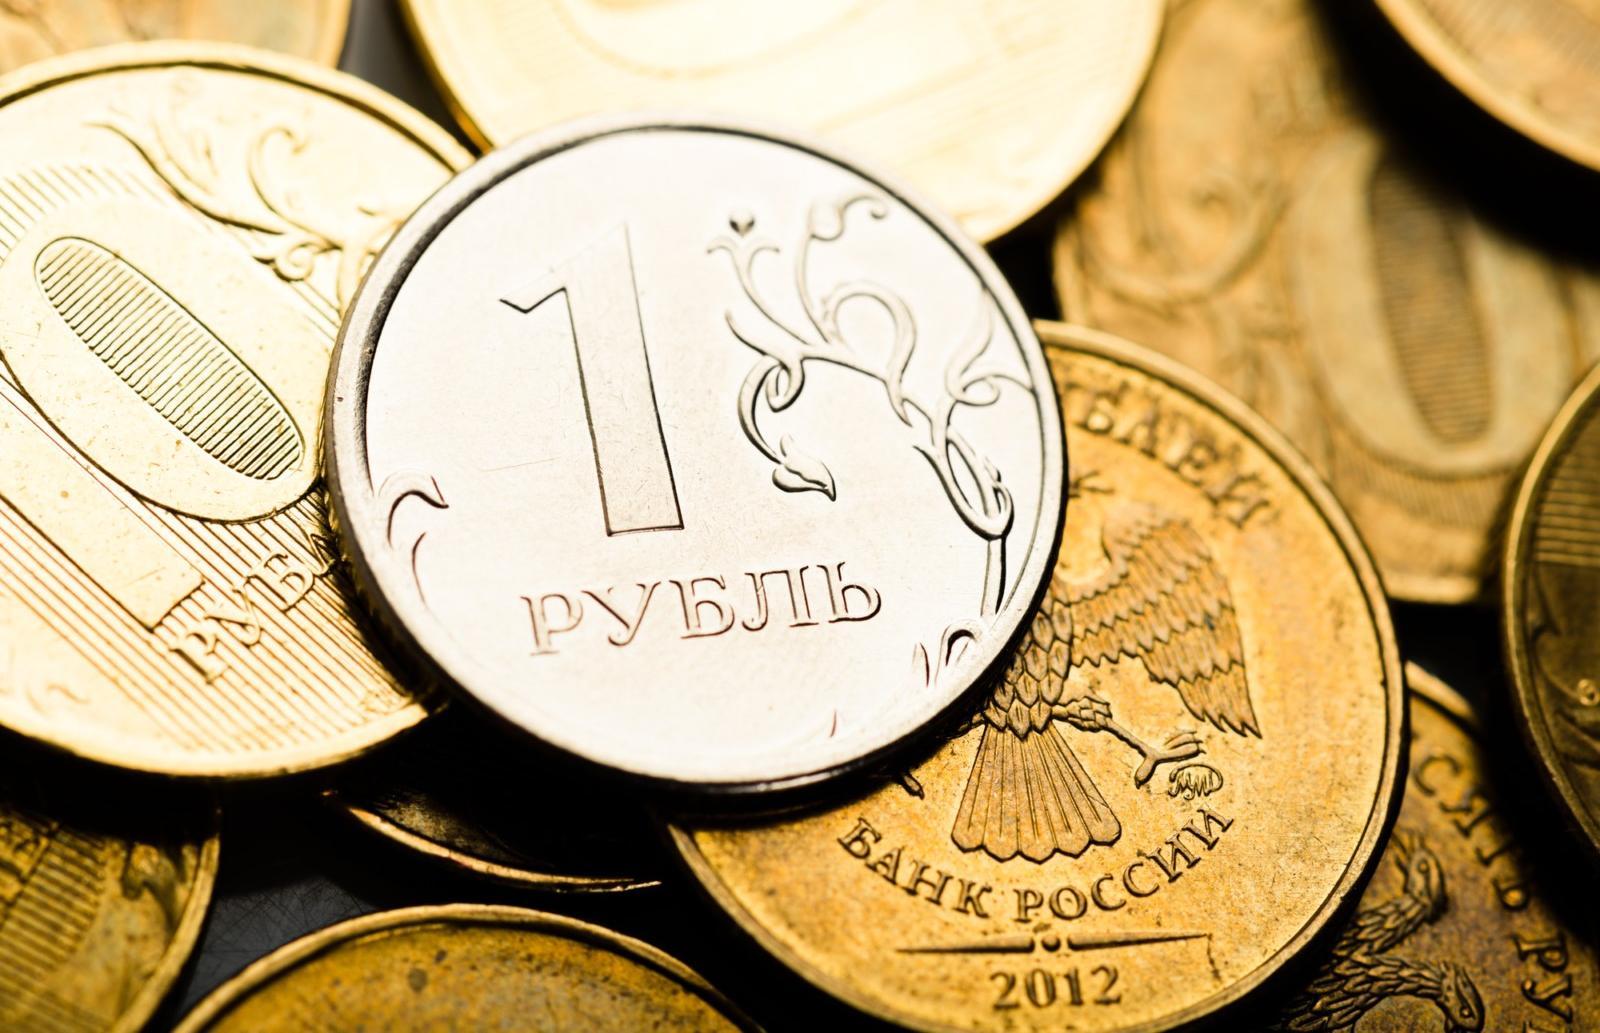 Экономист предсказал девальвацию рубля в 2022 году - новости Афанасий